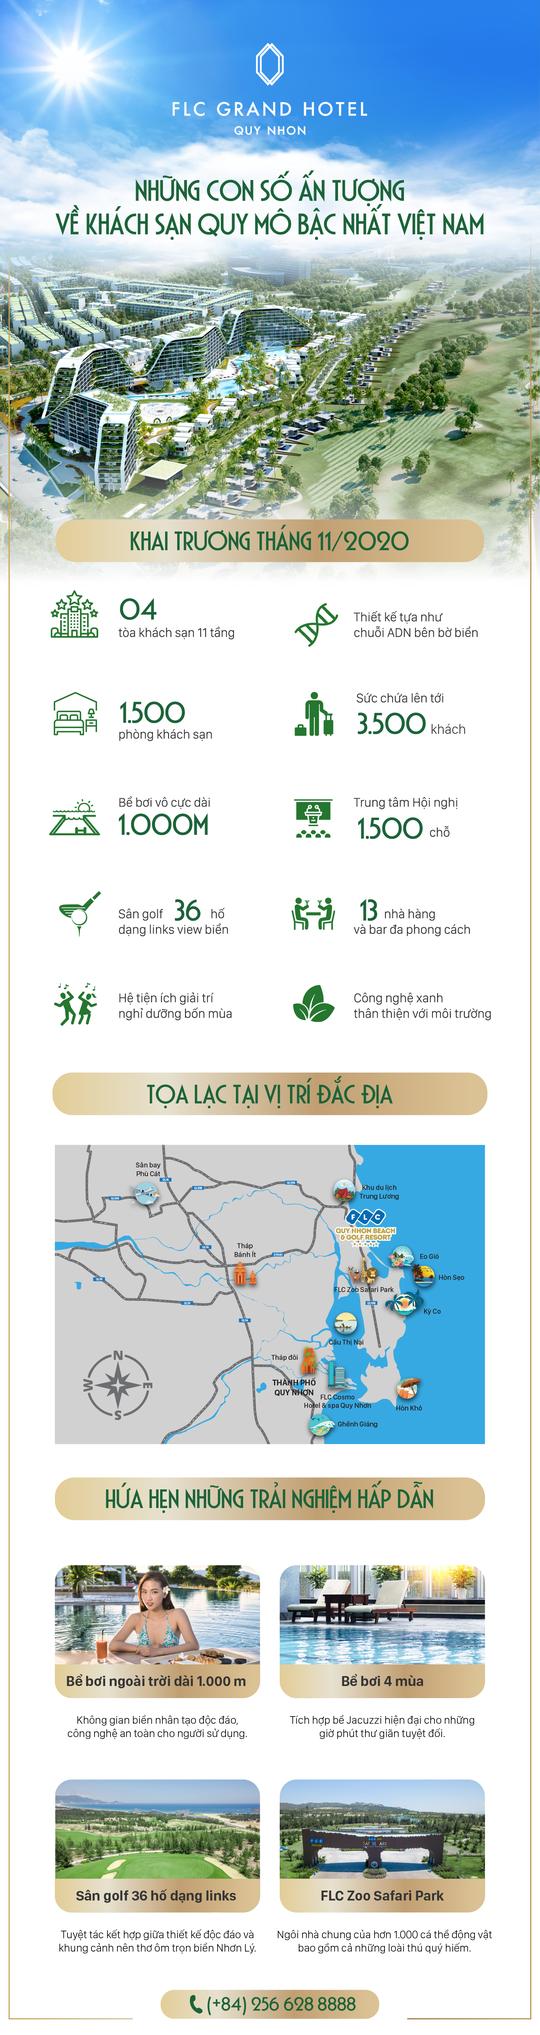 Những con số ấn tượng về khách sạn quy mô bậc nhất Việt Nam - Ảnh 2.